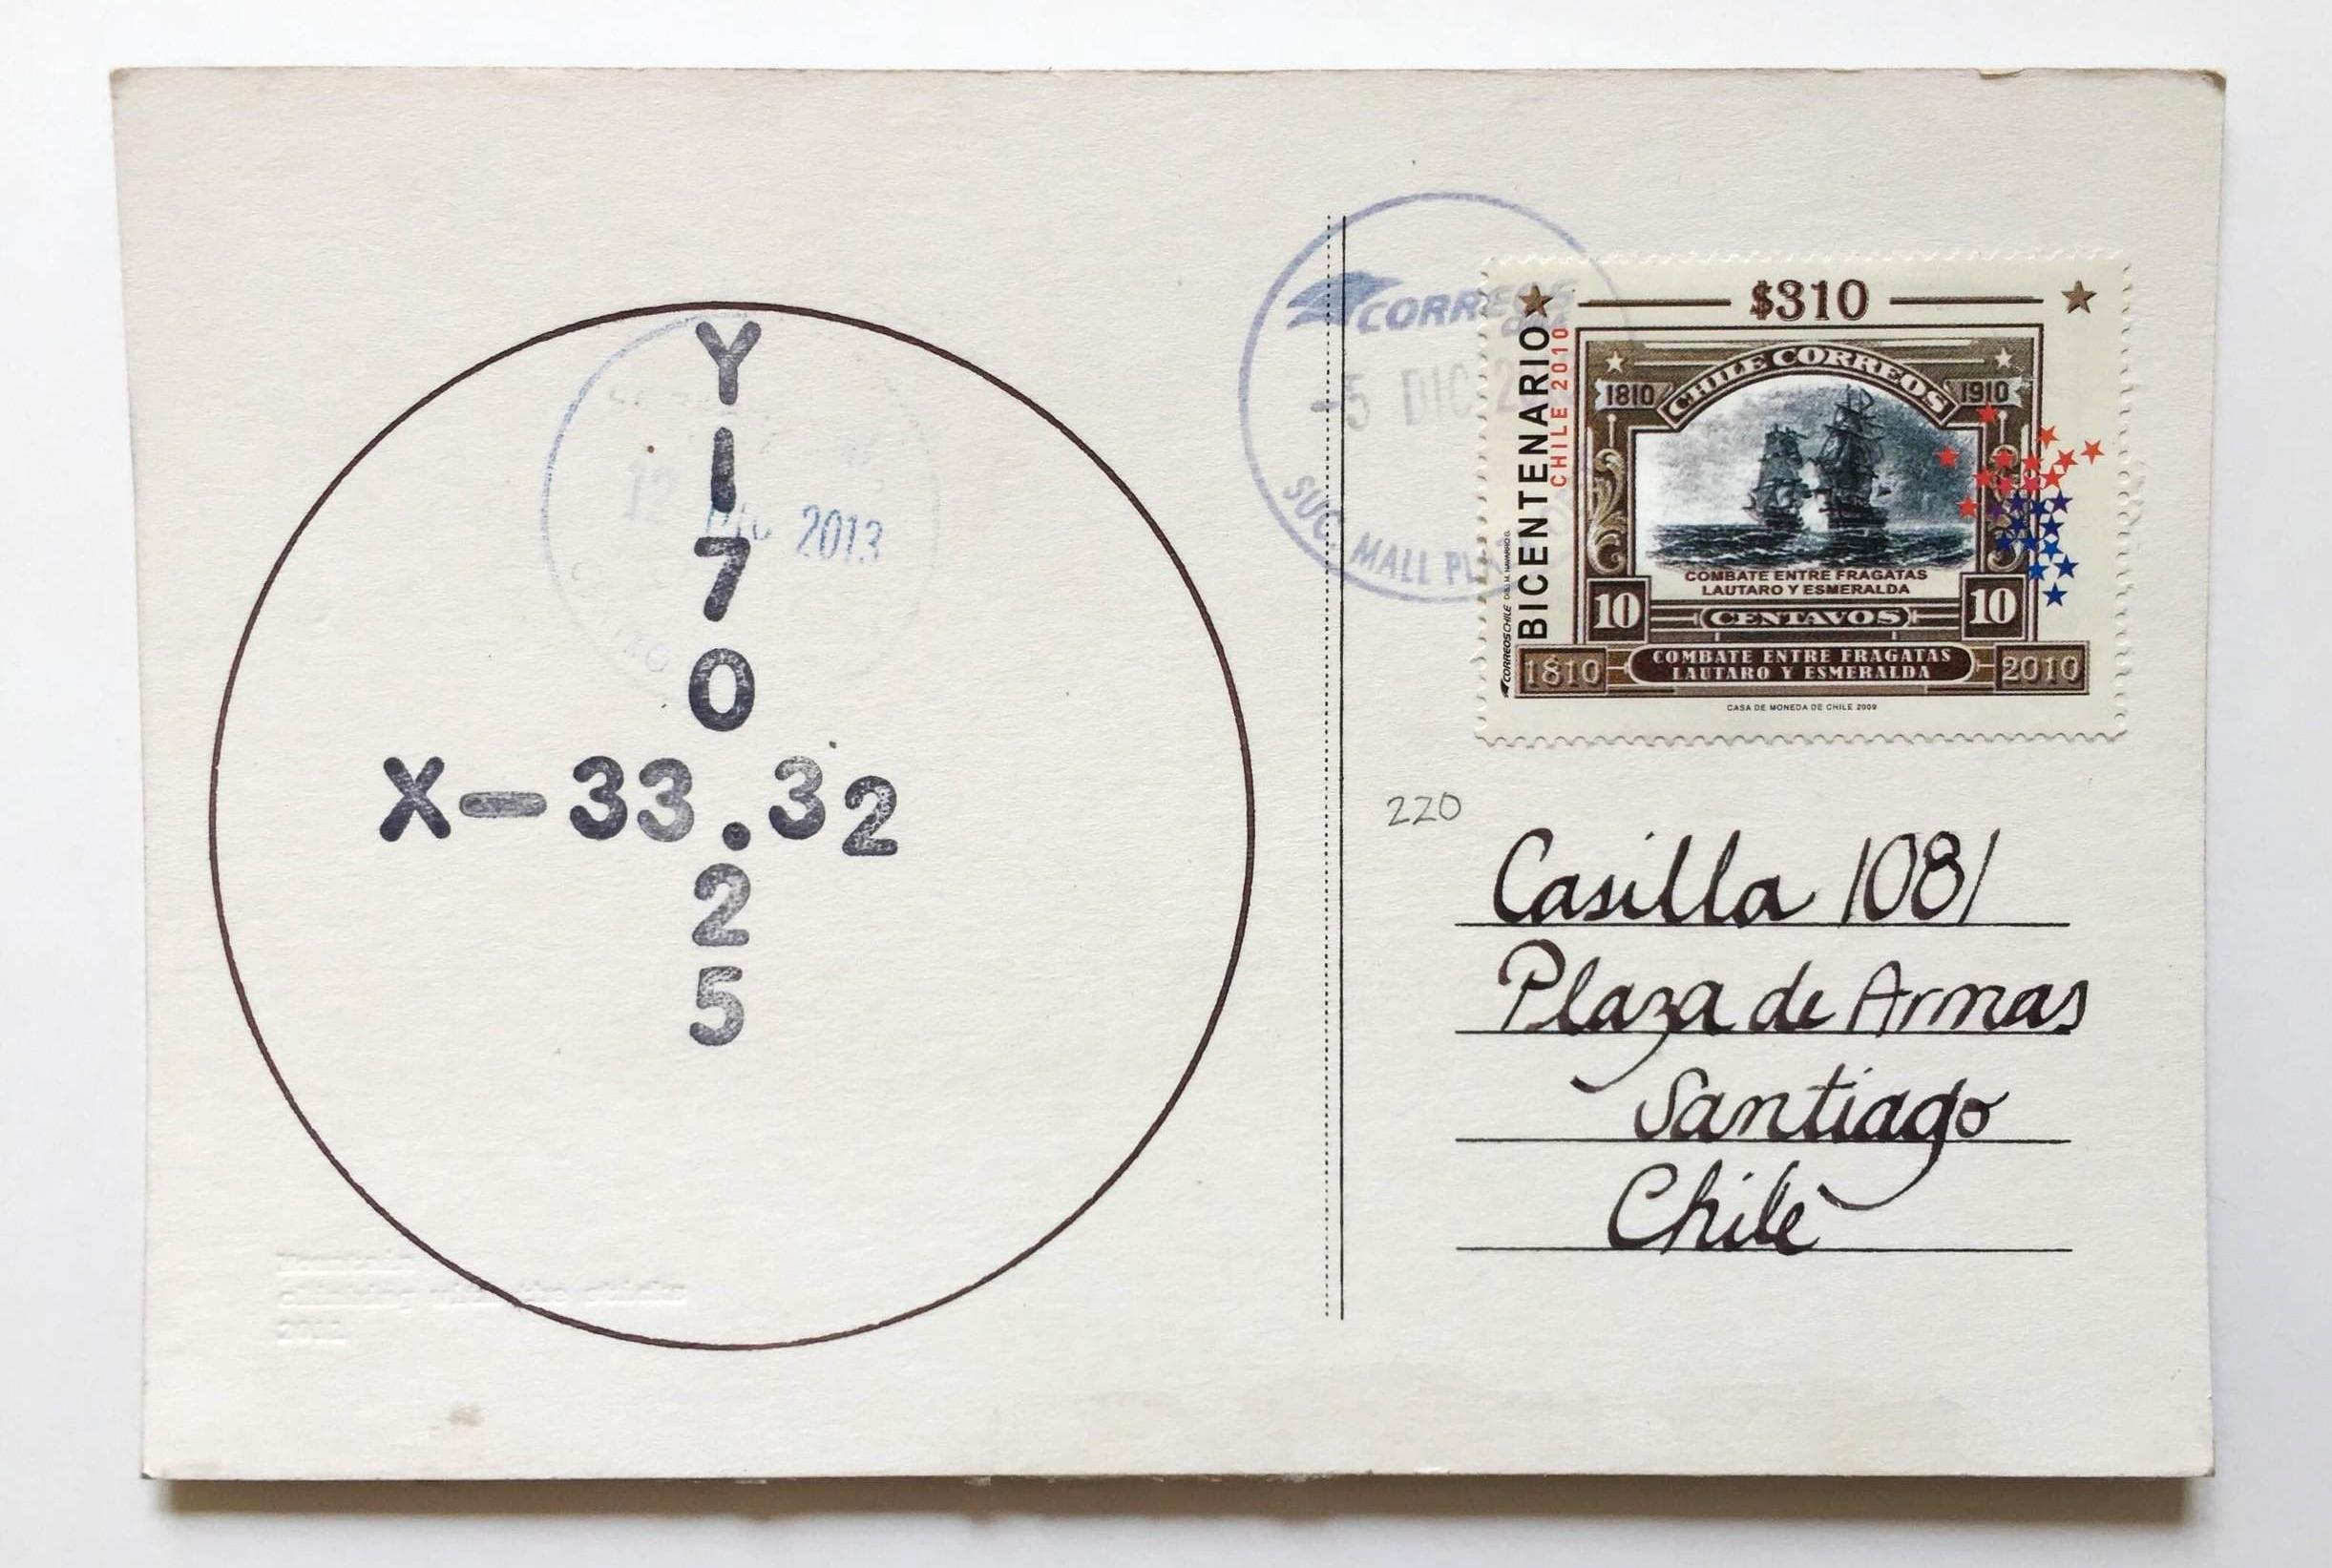 Anverso Postal, timbres con coordenadas geográficas, matasellos de correos, caligrafía y estampilla.